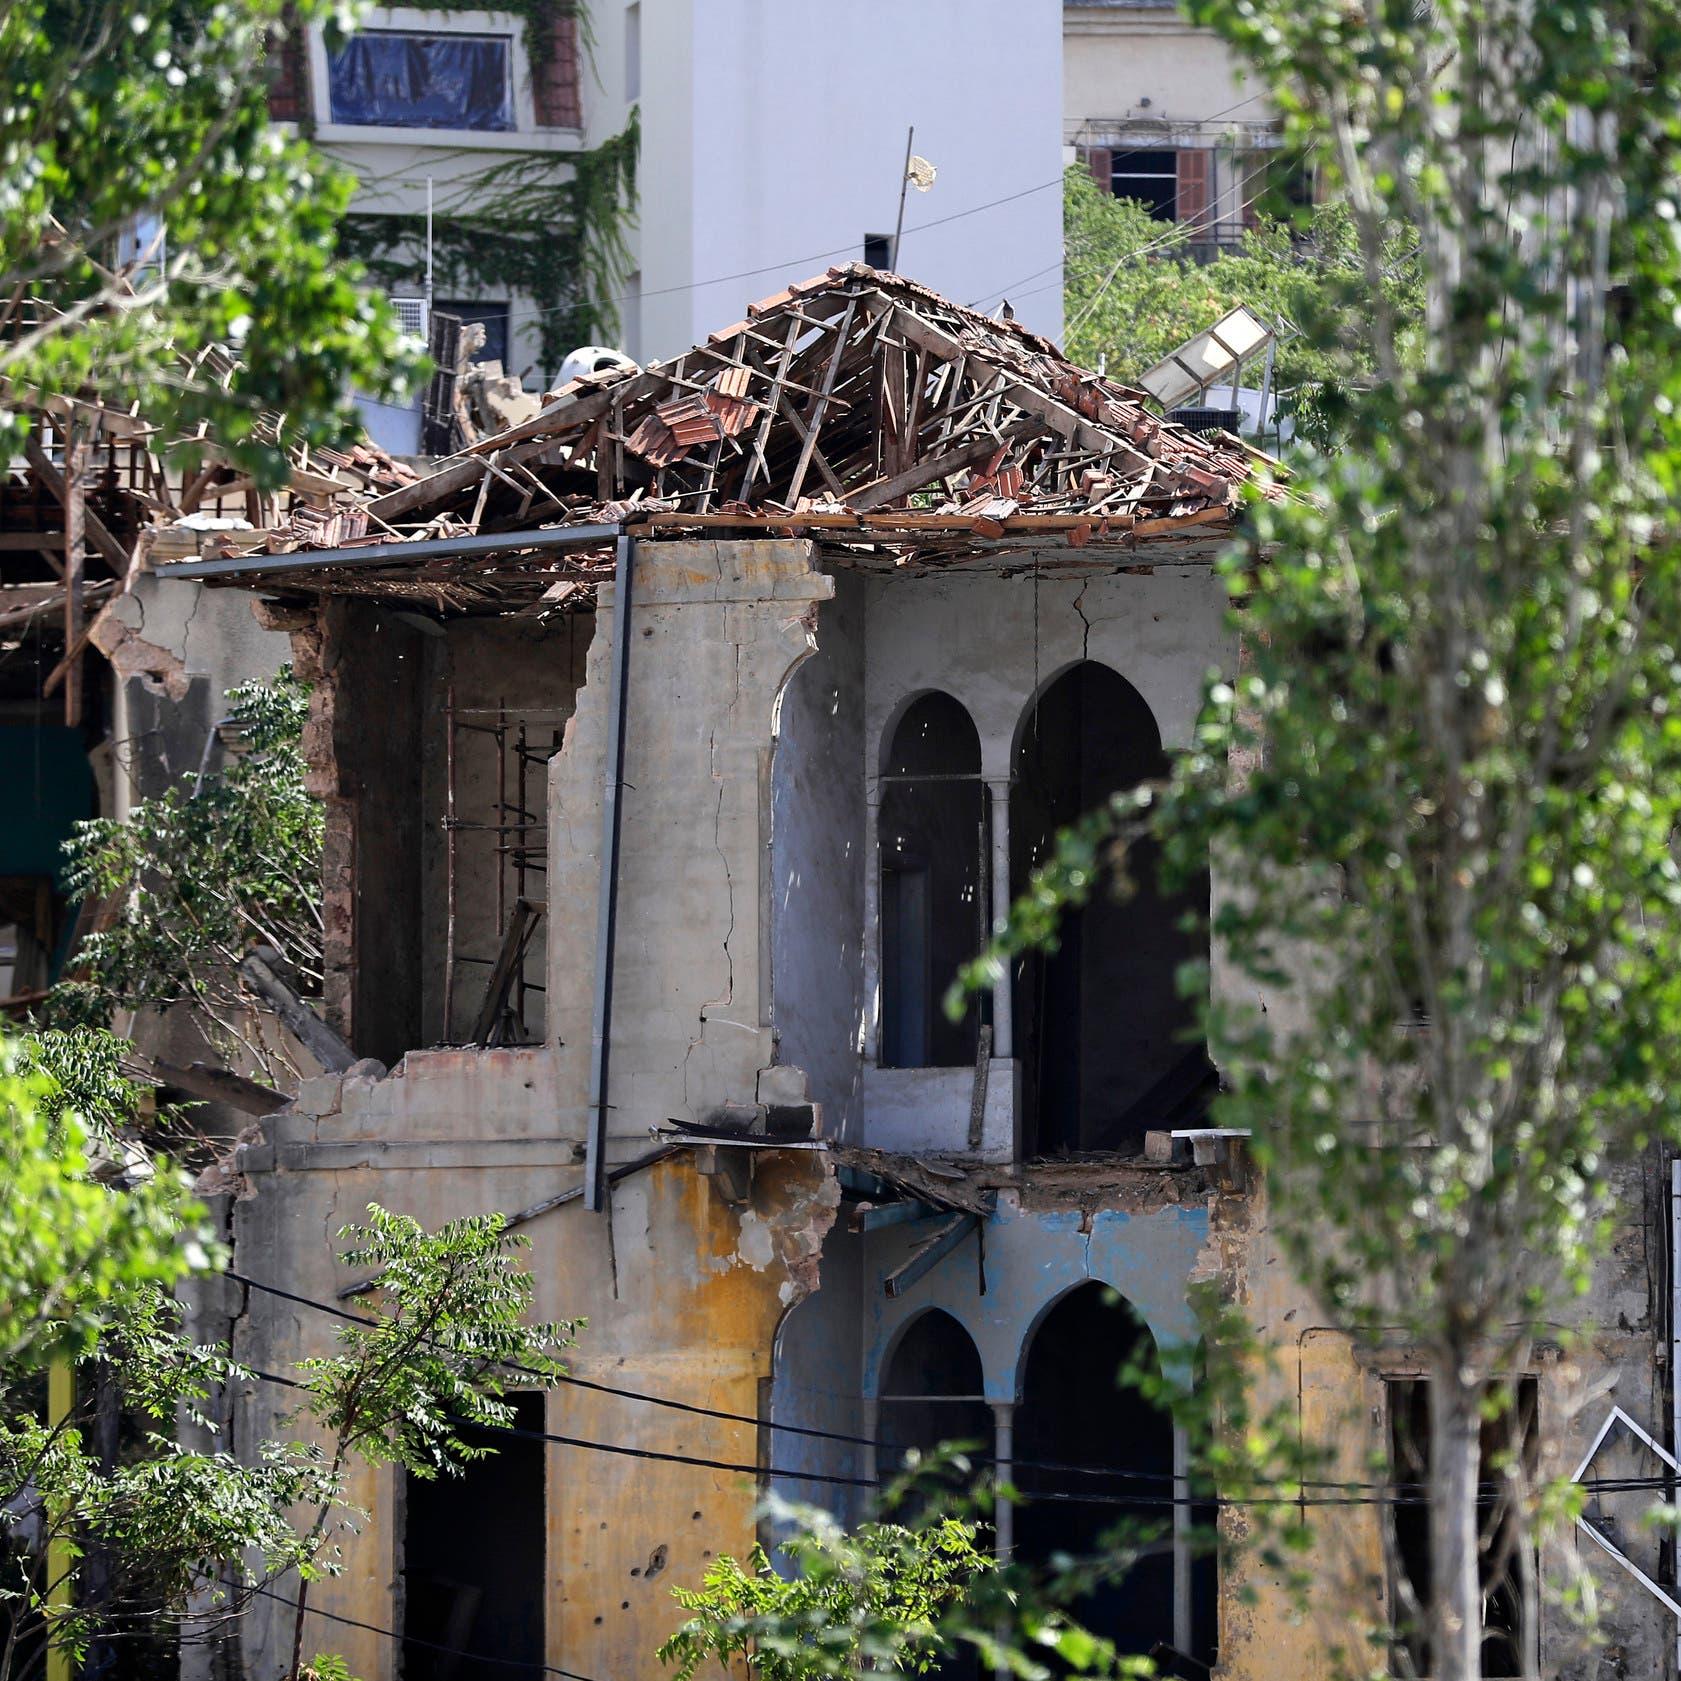 60 مبنى تراثياً في بيروت مهددة بالانهيار بسبب الانفجار